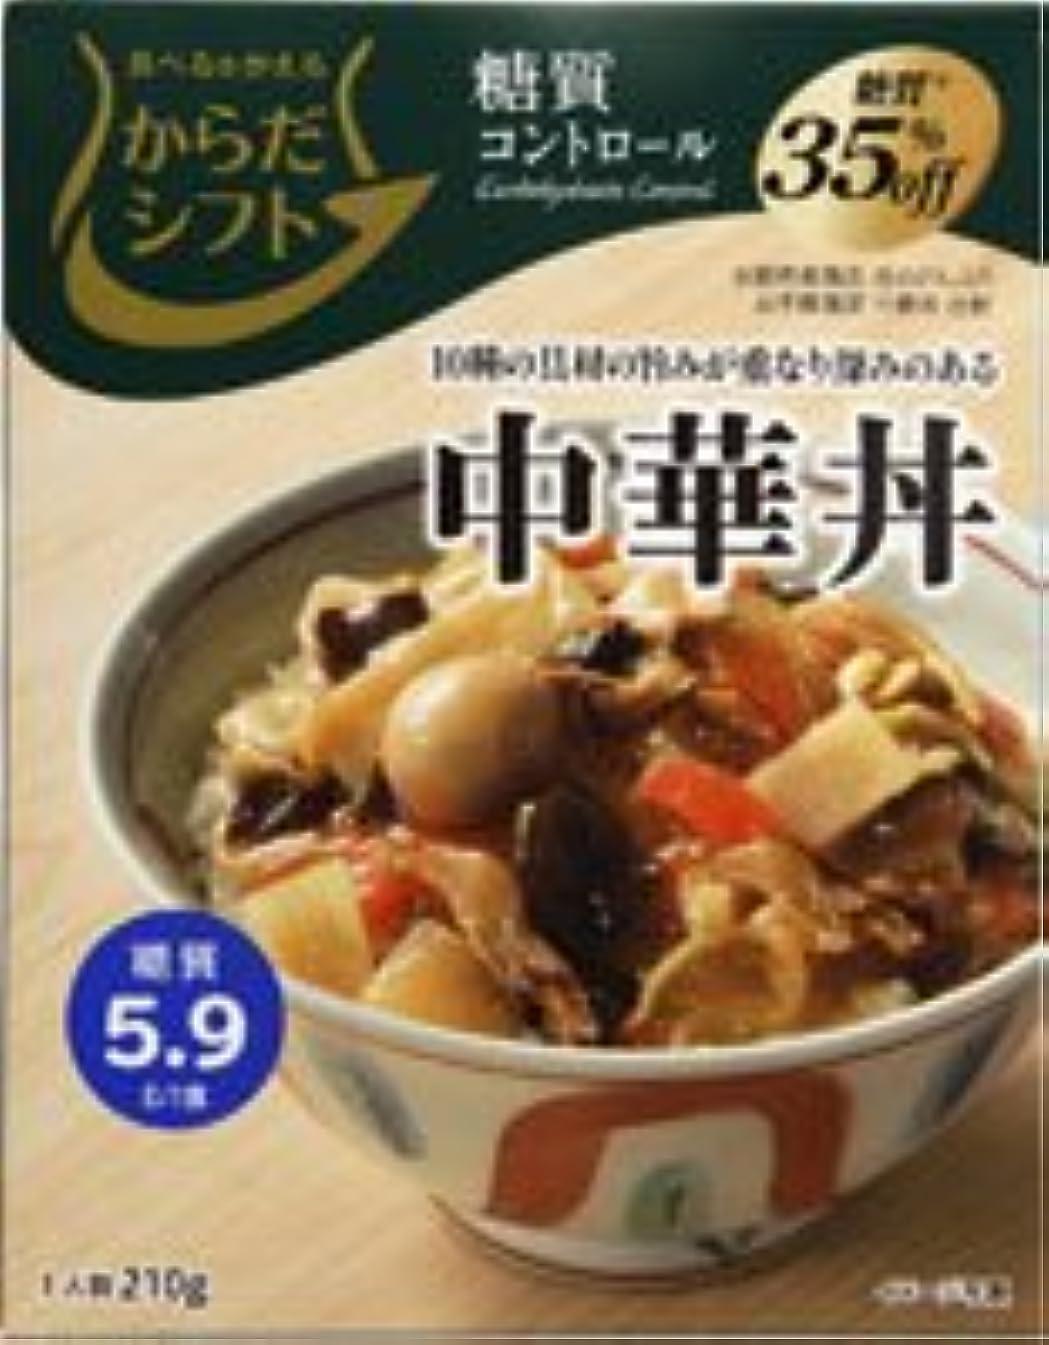 からだシフト 糖質コントロール 中華丼210g【5個セット】